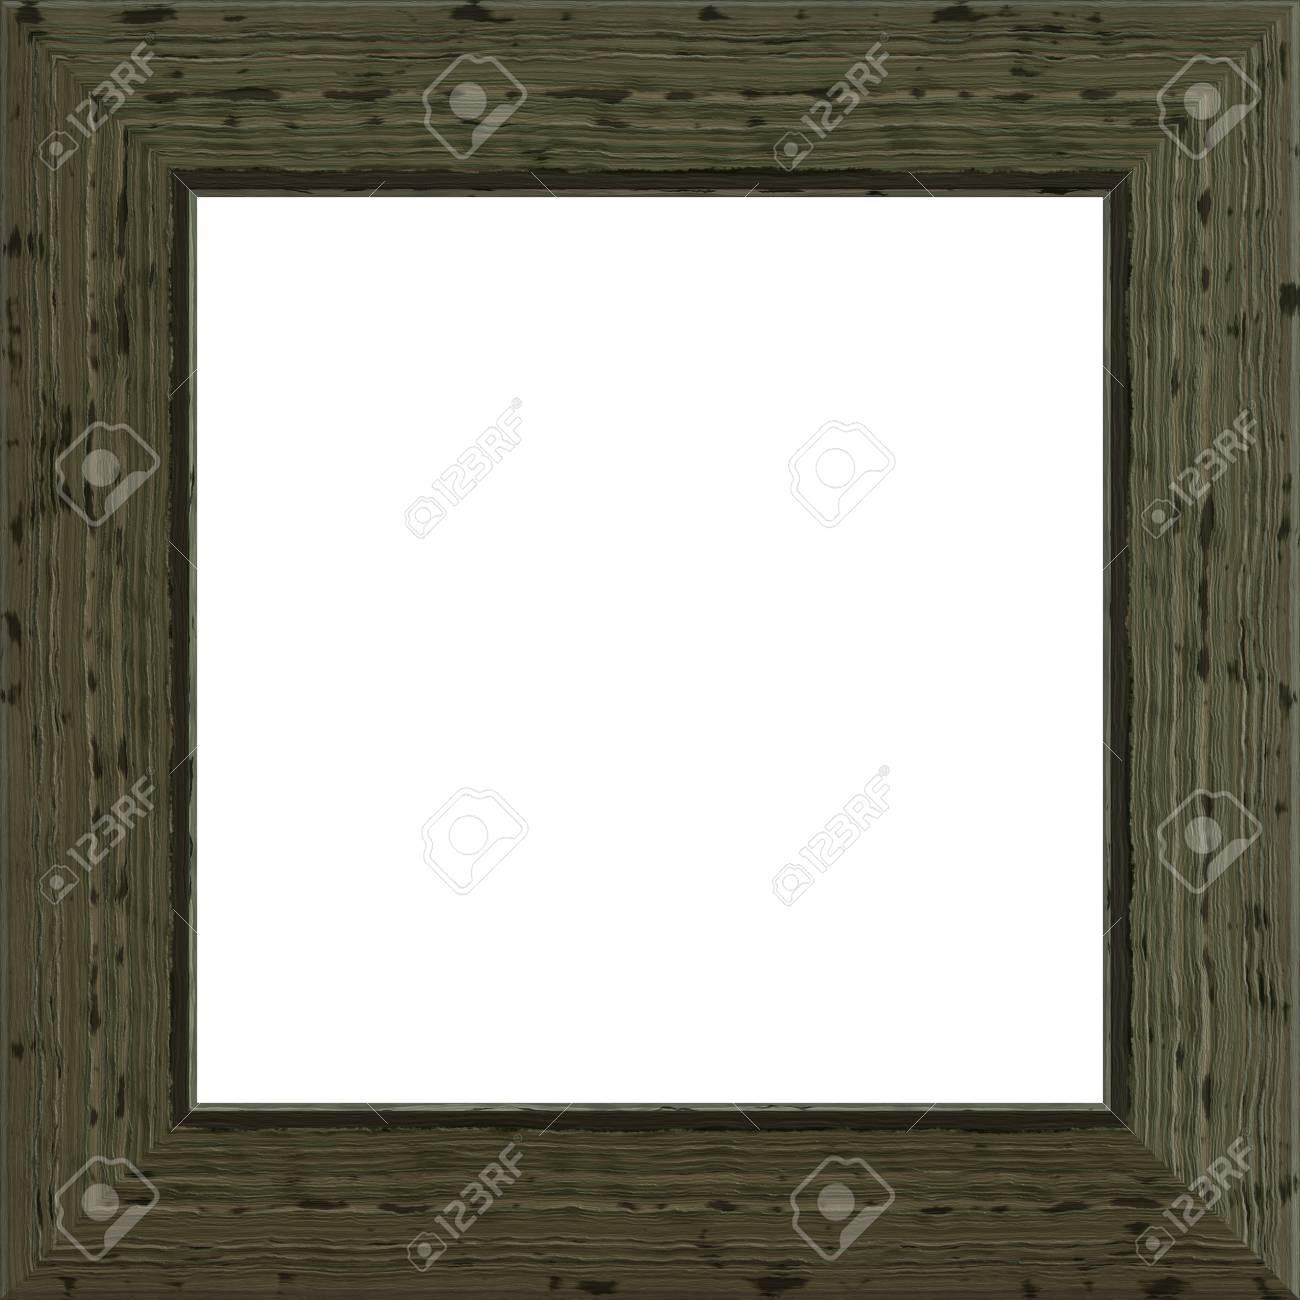 Holz Bilderrahmen Lizenzfreie Fotos, Bilder Und Stock Fotografie ...